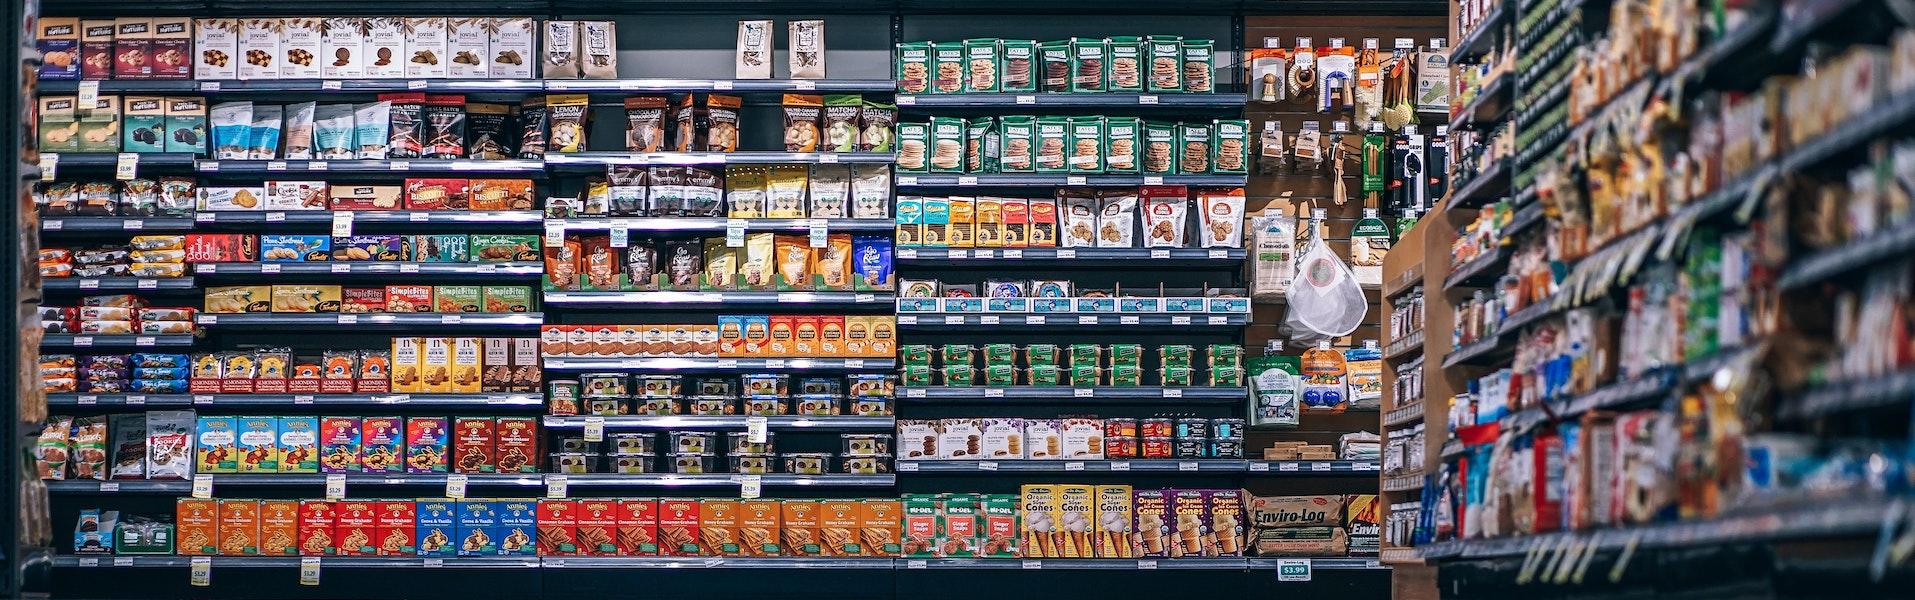 ridurre consumi energia termica industria alimentare